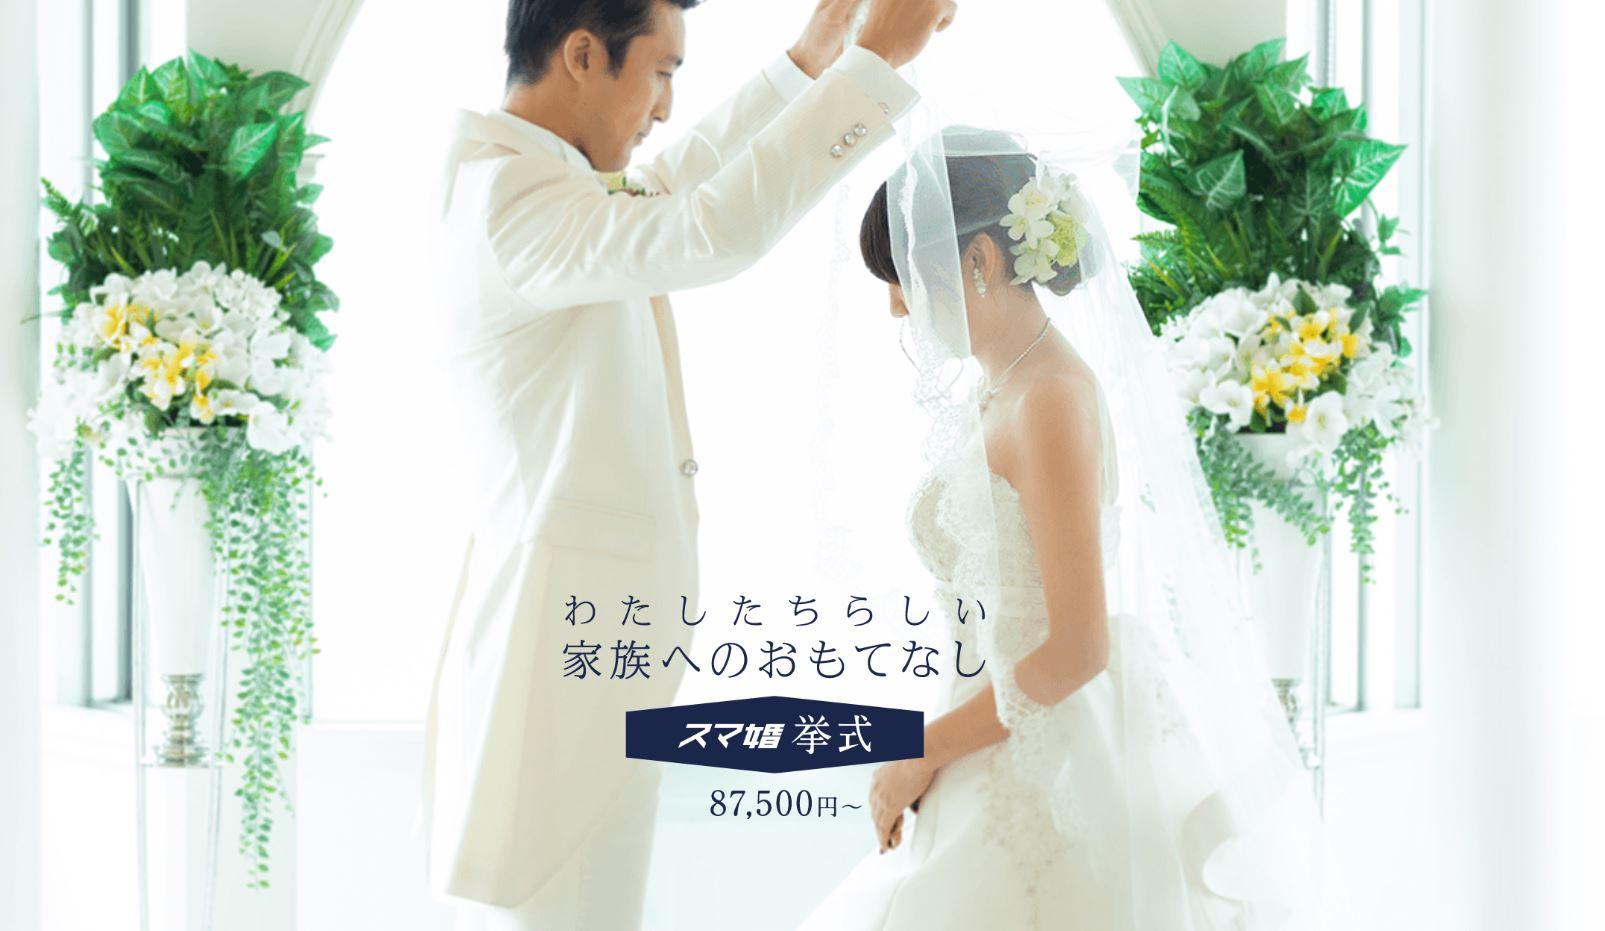 スマ婚挙式